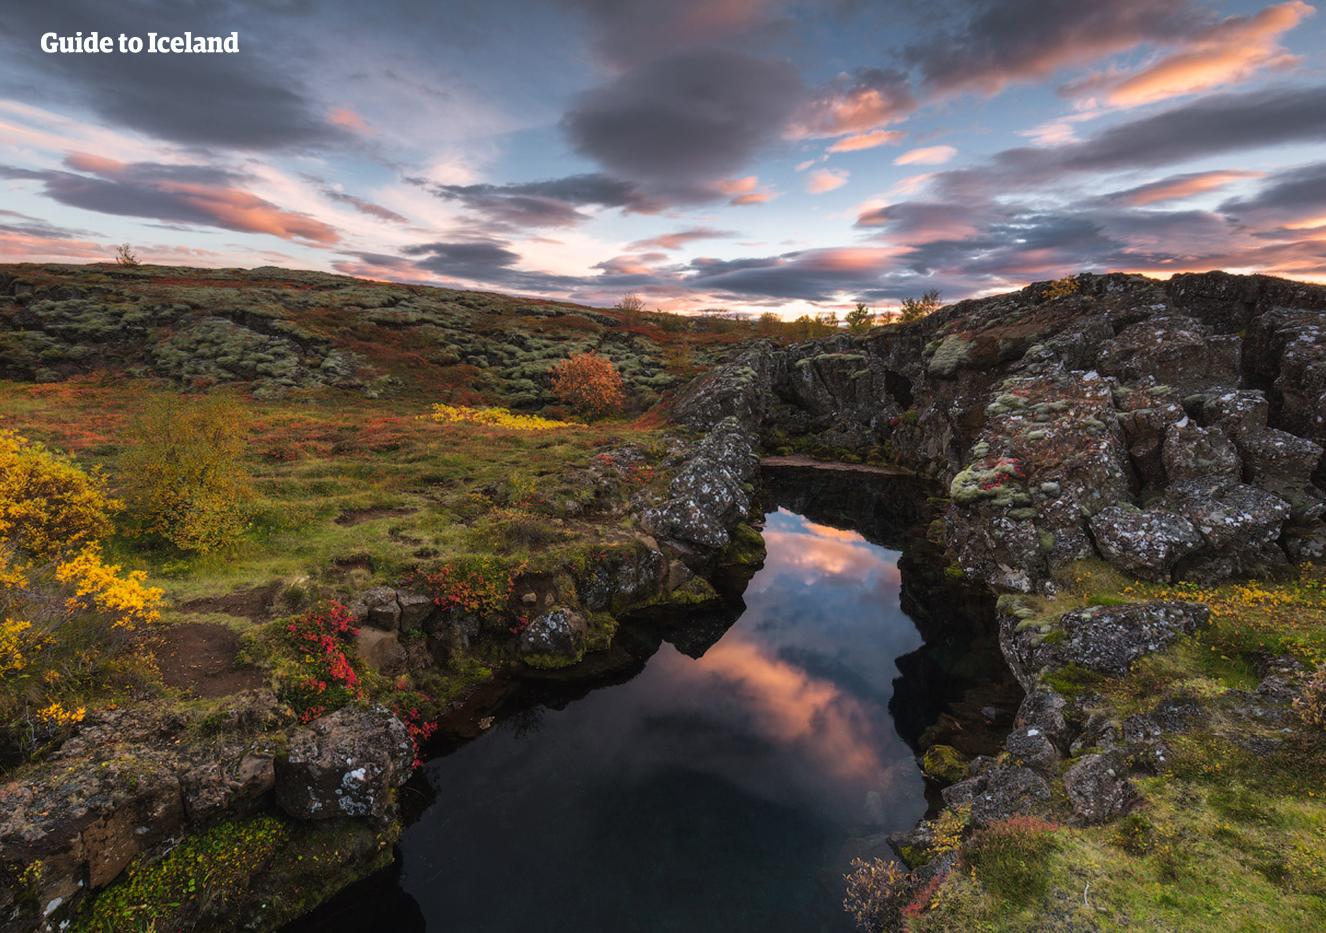 Die Silfra-Spalte im Thingvellir-Nationalpark ist eine beliebter Schnorchel- und Tauchplatz; das Wasser hat ganzjährig eine konstante Temperatur und ist zu jeder Jahreszeit zugänglich.